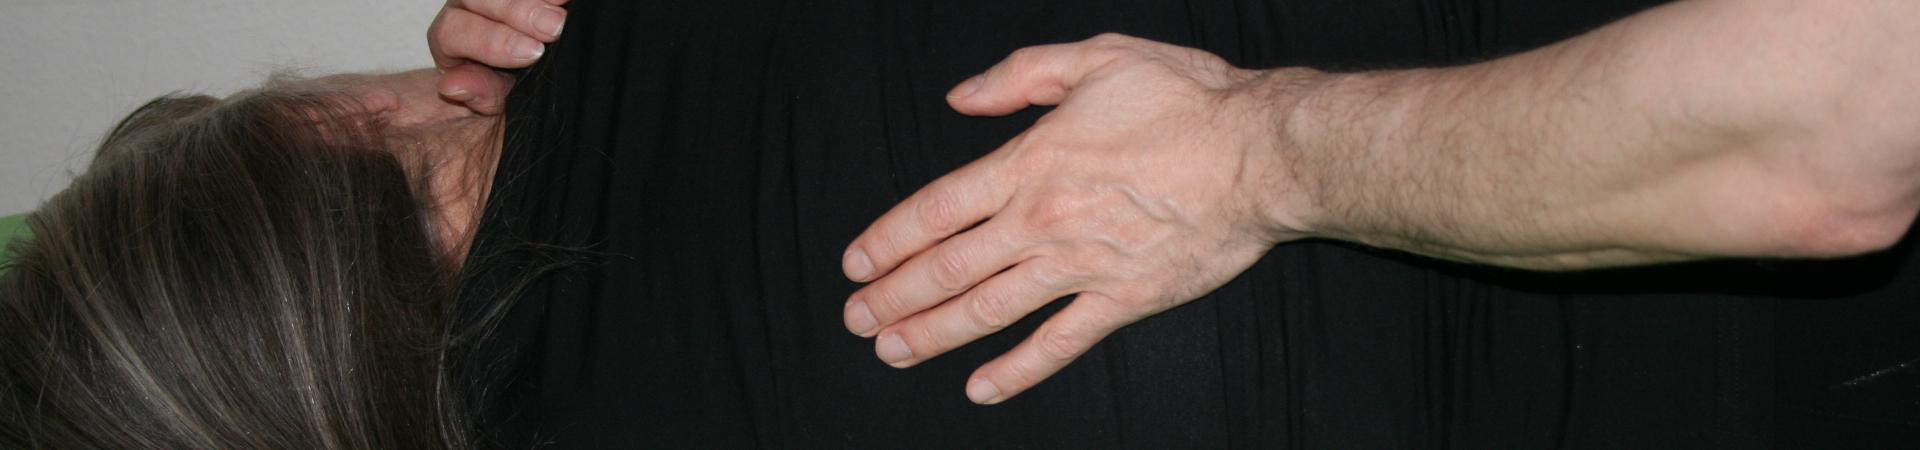 Billedet viser en en klient, der får behandling mod rygsmerter.